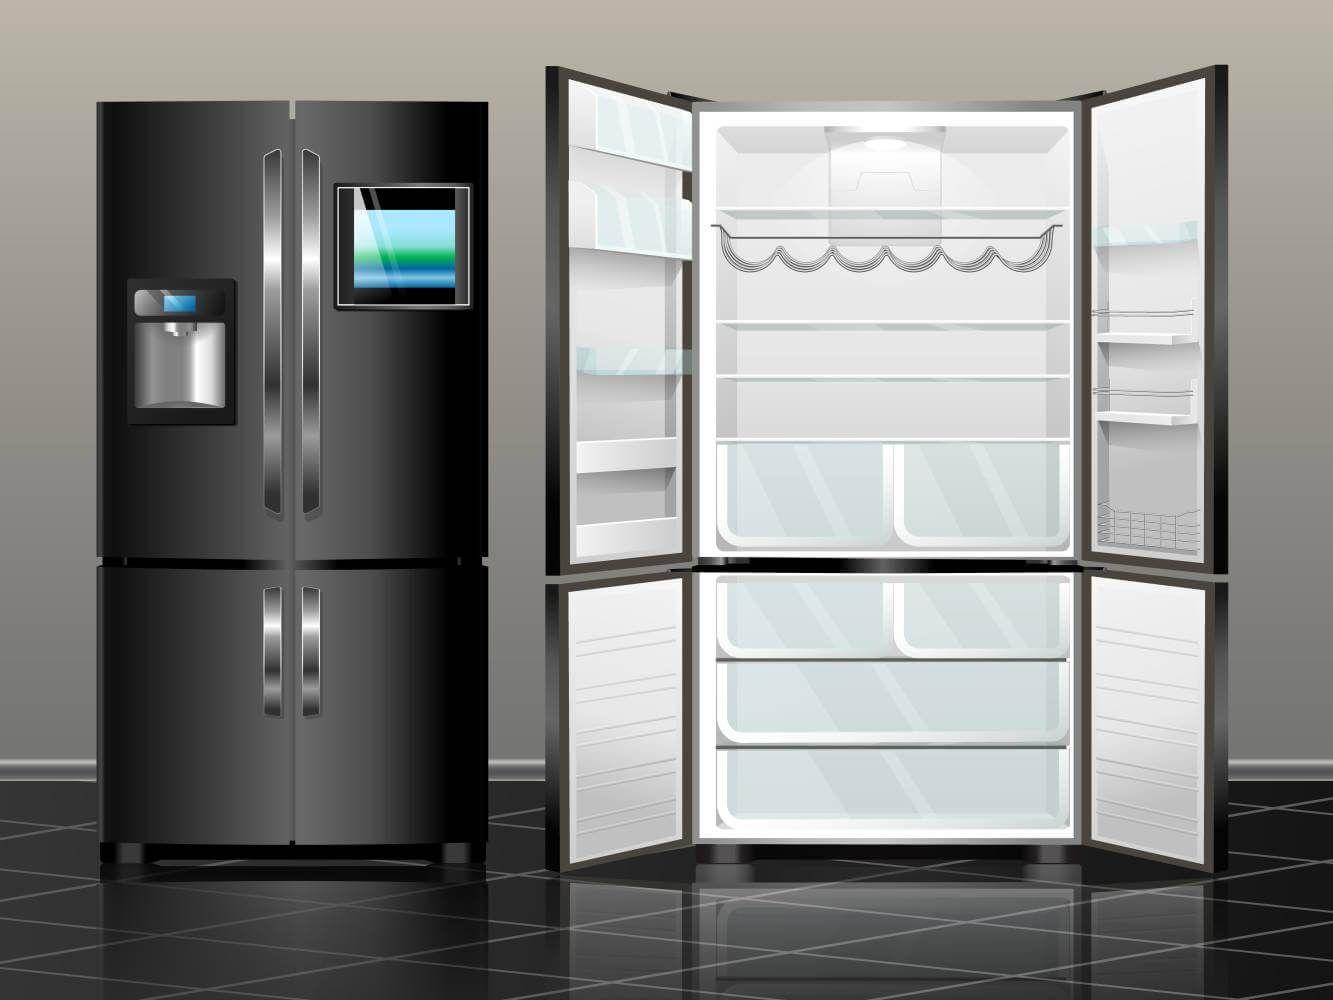 Side By Side Kühlschrank Breite : Side by side kühlschrank kleine breite kühlschrank breite